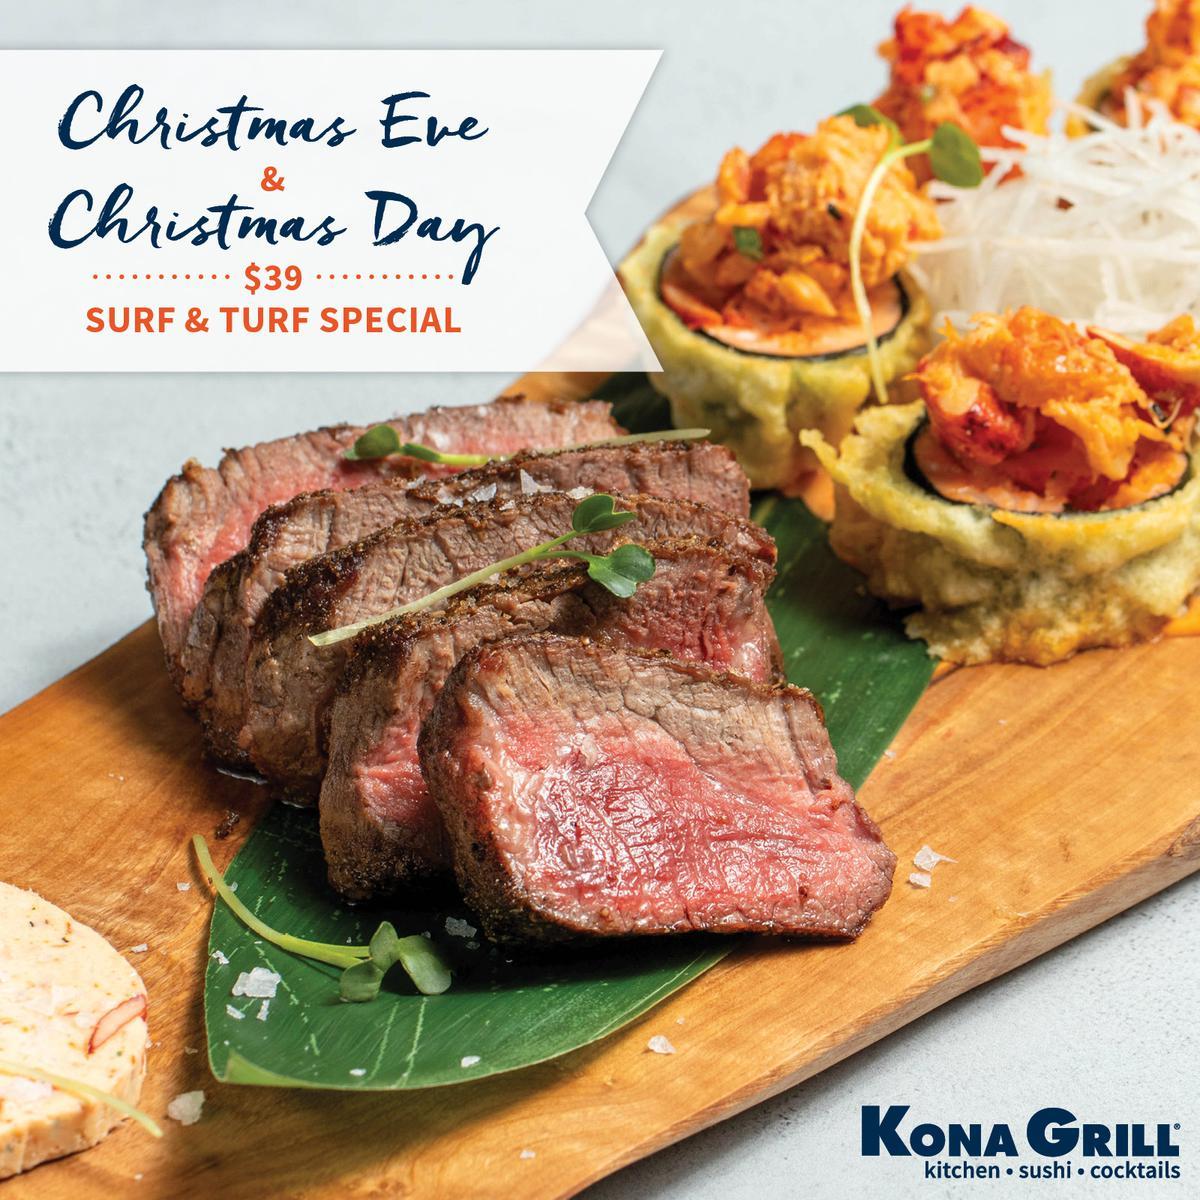 Christmas at Kona